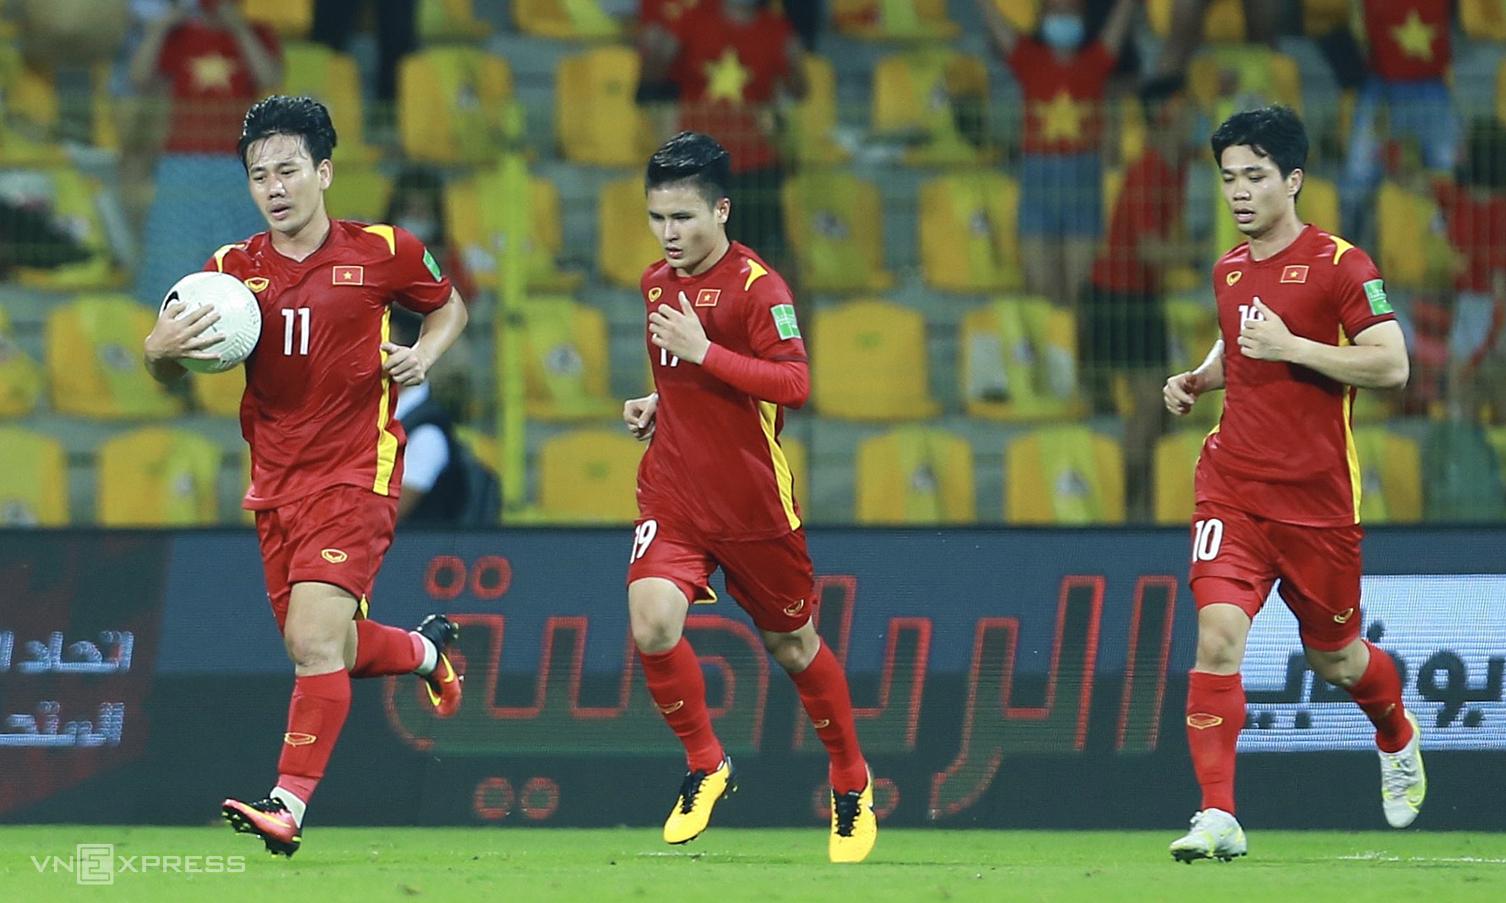 """เวียดนามรักษาตำแหน่ง 92 FIFA ไว้ได้ก่อนเข้าสู่ซีรีส์แรกของรอบคัดเลือกรอบที่สามของฟุตบอลโลก 2022 ในเอเชียในต้นเดือนกันยายน 2564  ภาพถ่าย: """"Lam Thua ."""""""